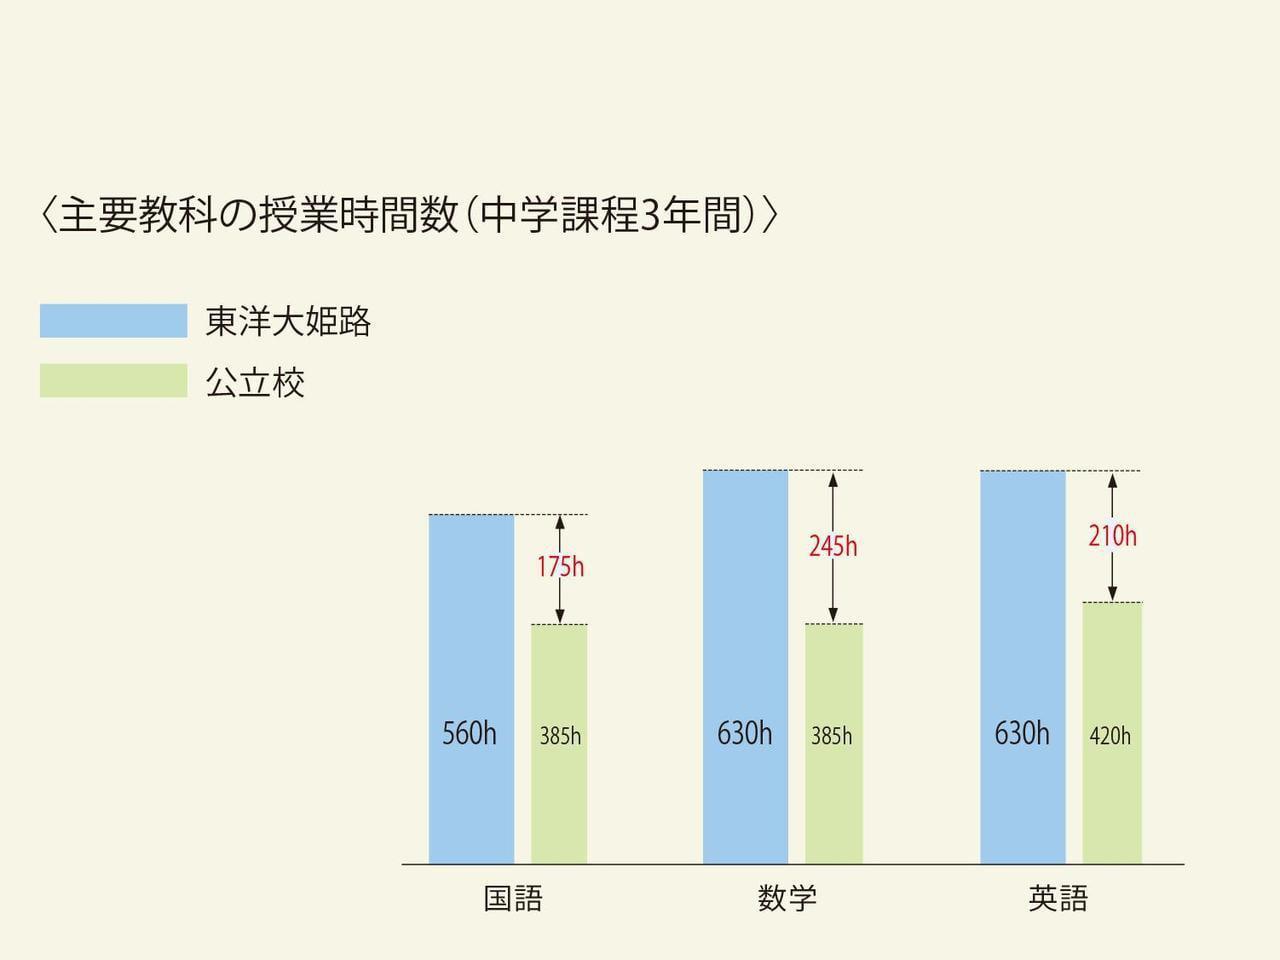 主要教科の授業時間数の公立中学校との比較グラフ